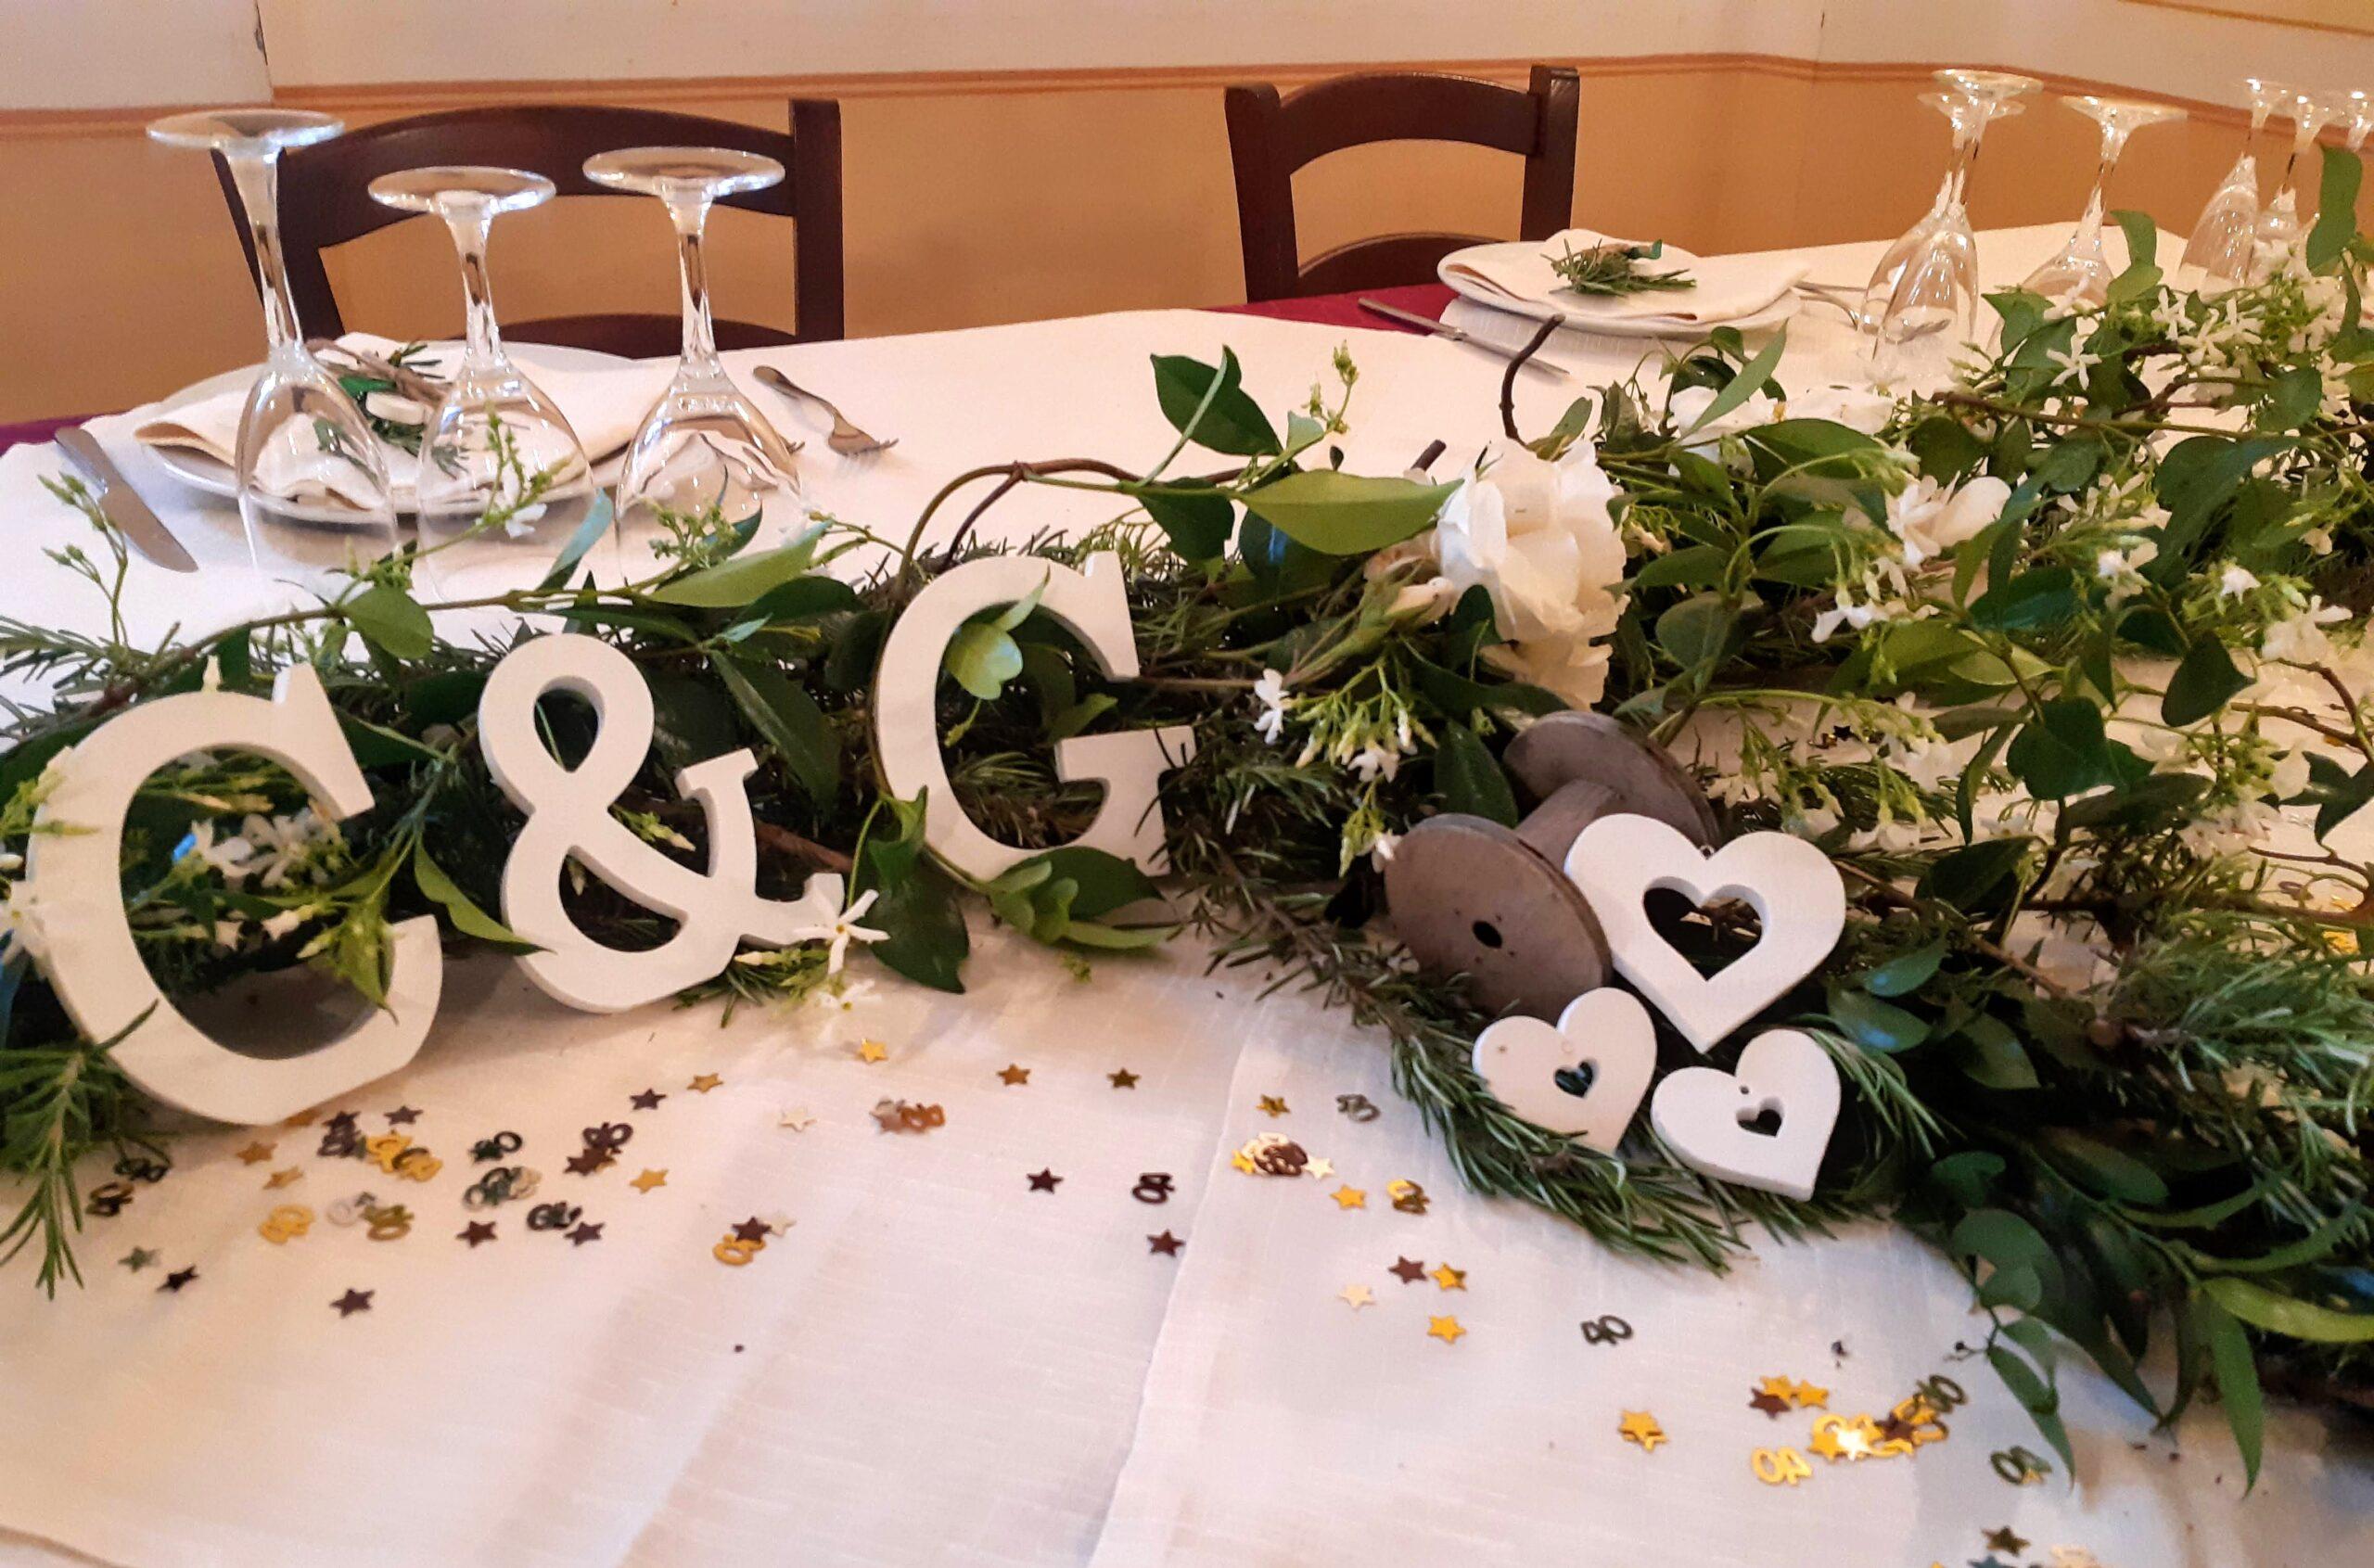 40° esimo Anniversario di matrimonio- Nozze di Smeraldo – Ristorante Le Macine- Torrita di Siena